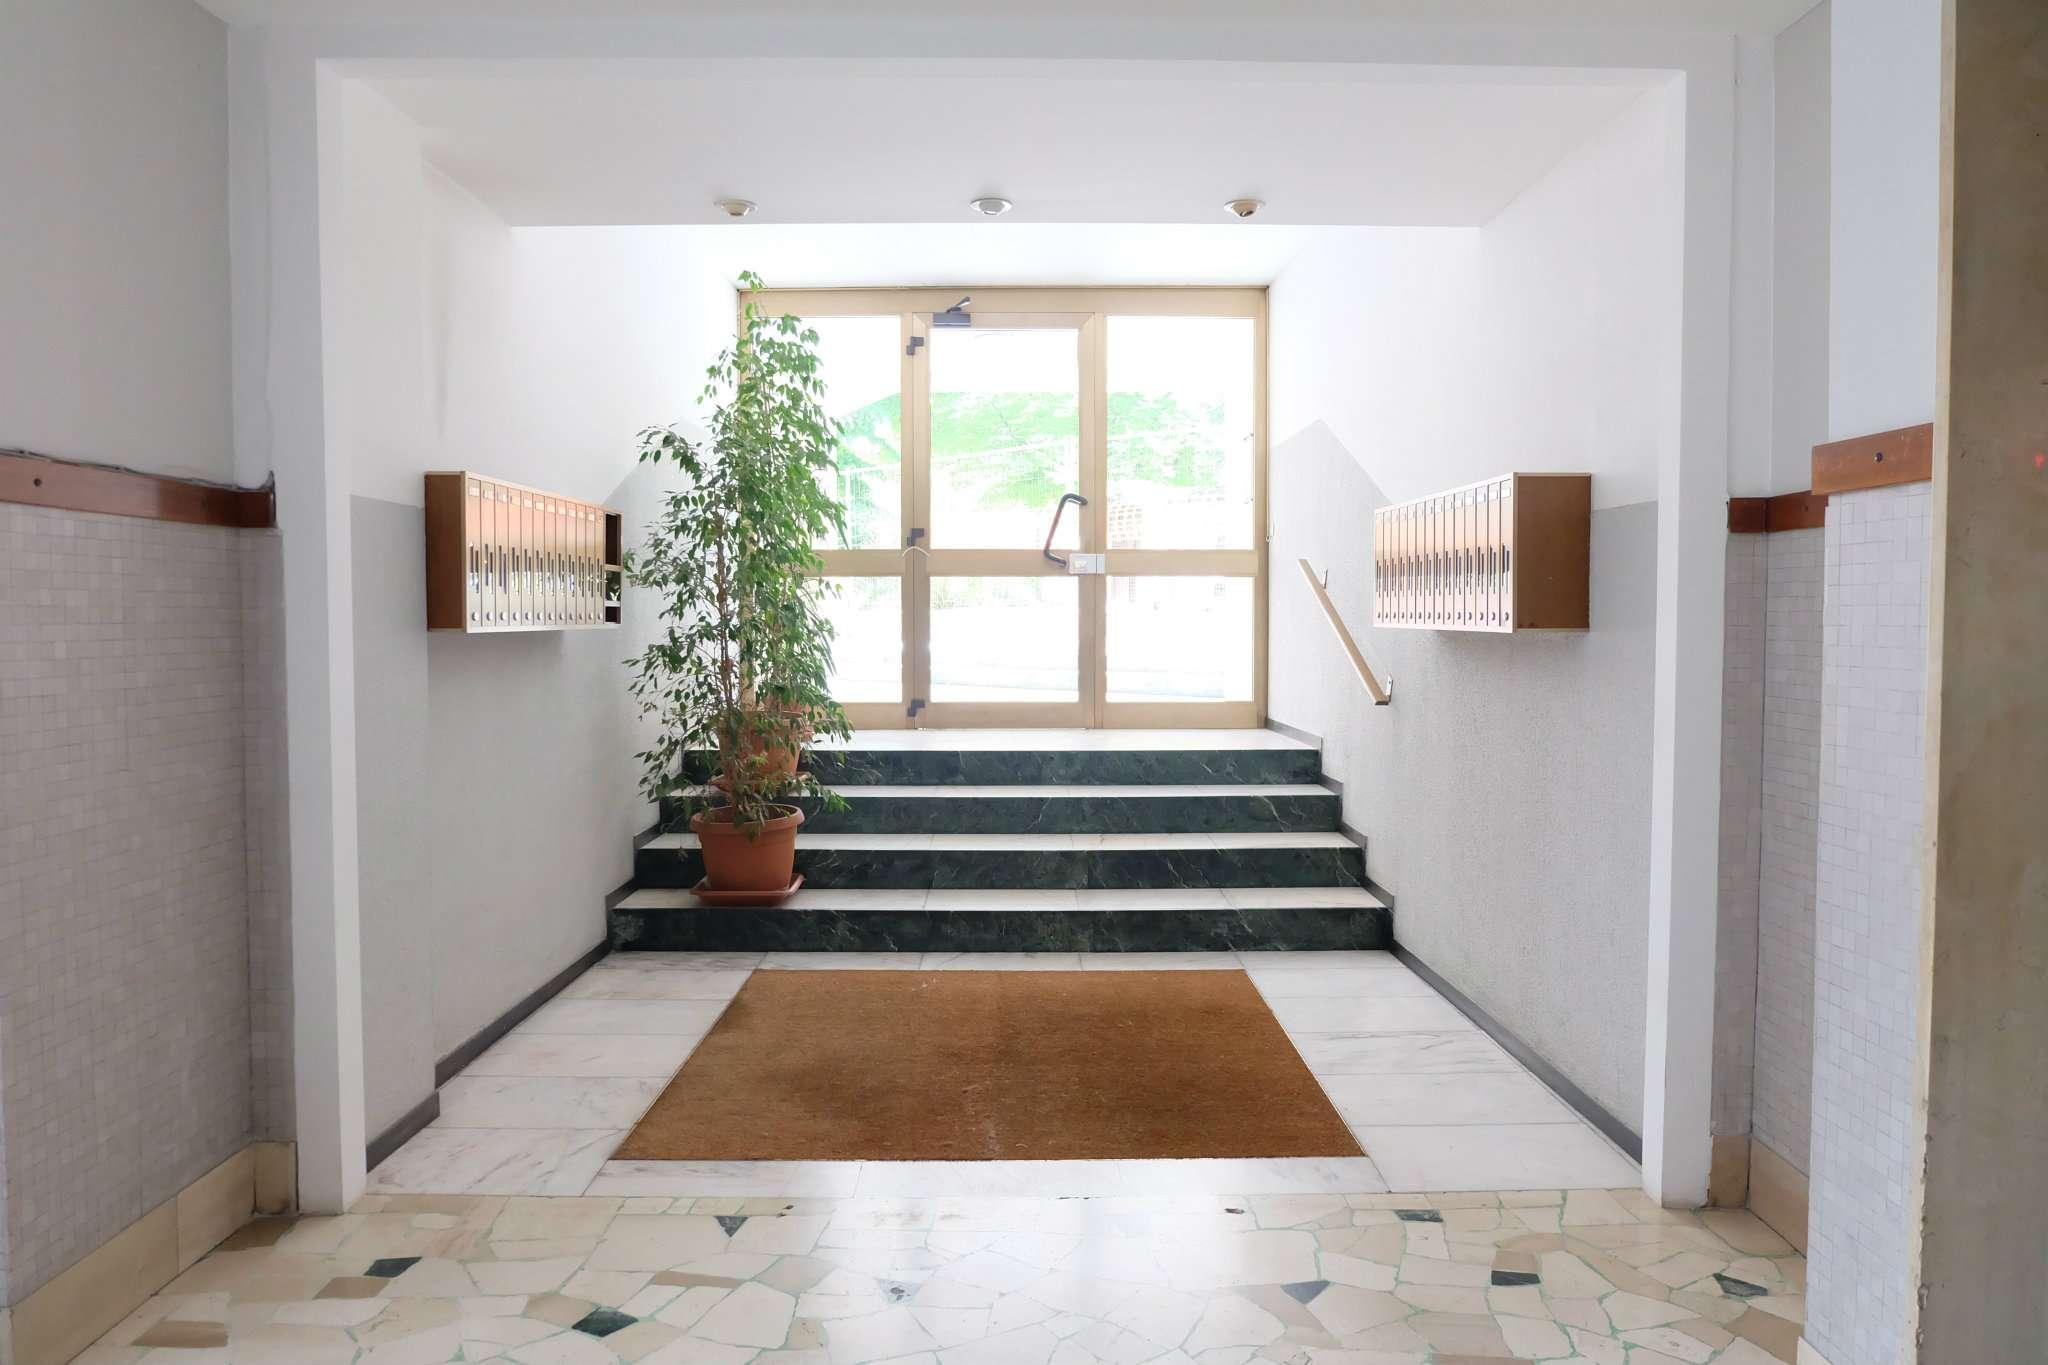 Laboratorio in affitto a Bresso, 6 locali, prezzo € 1.000 | CambioCasa.it